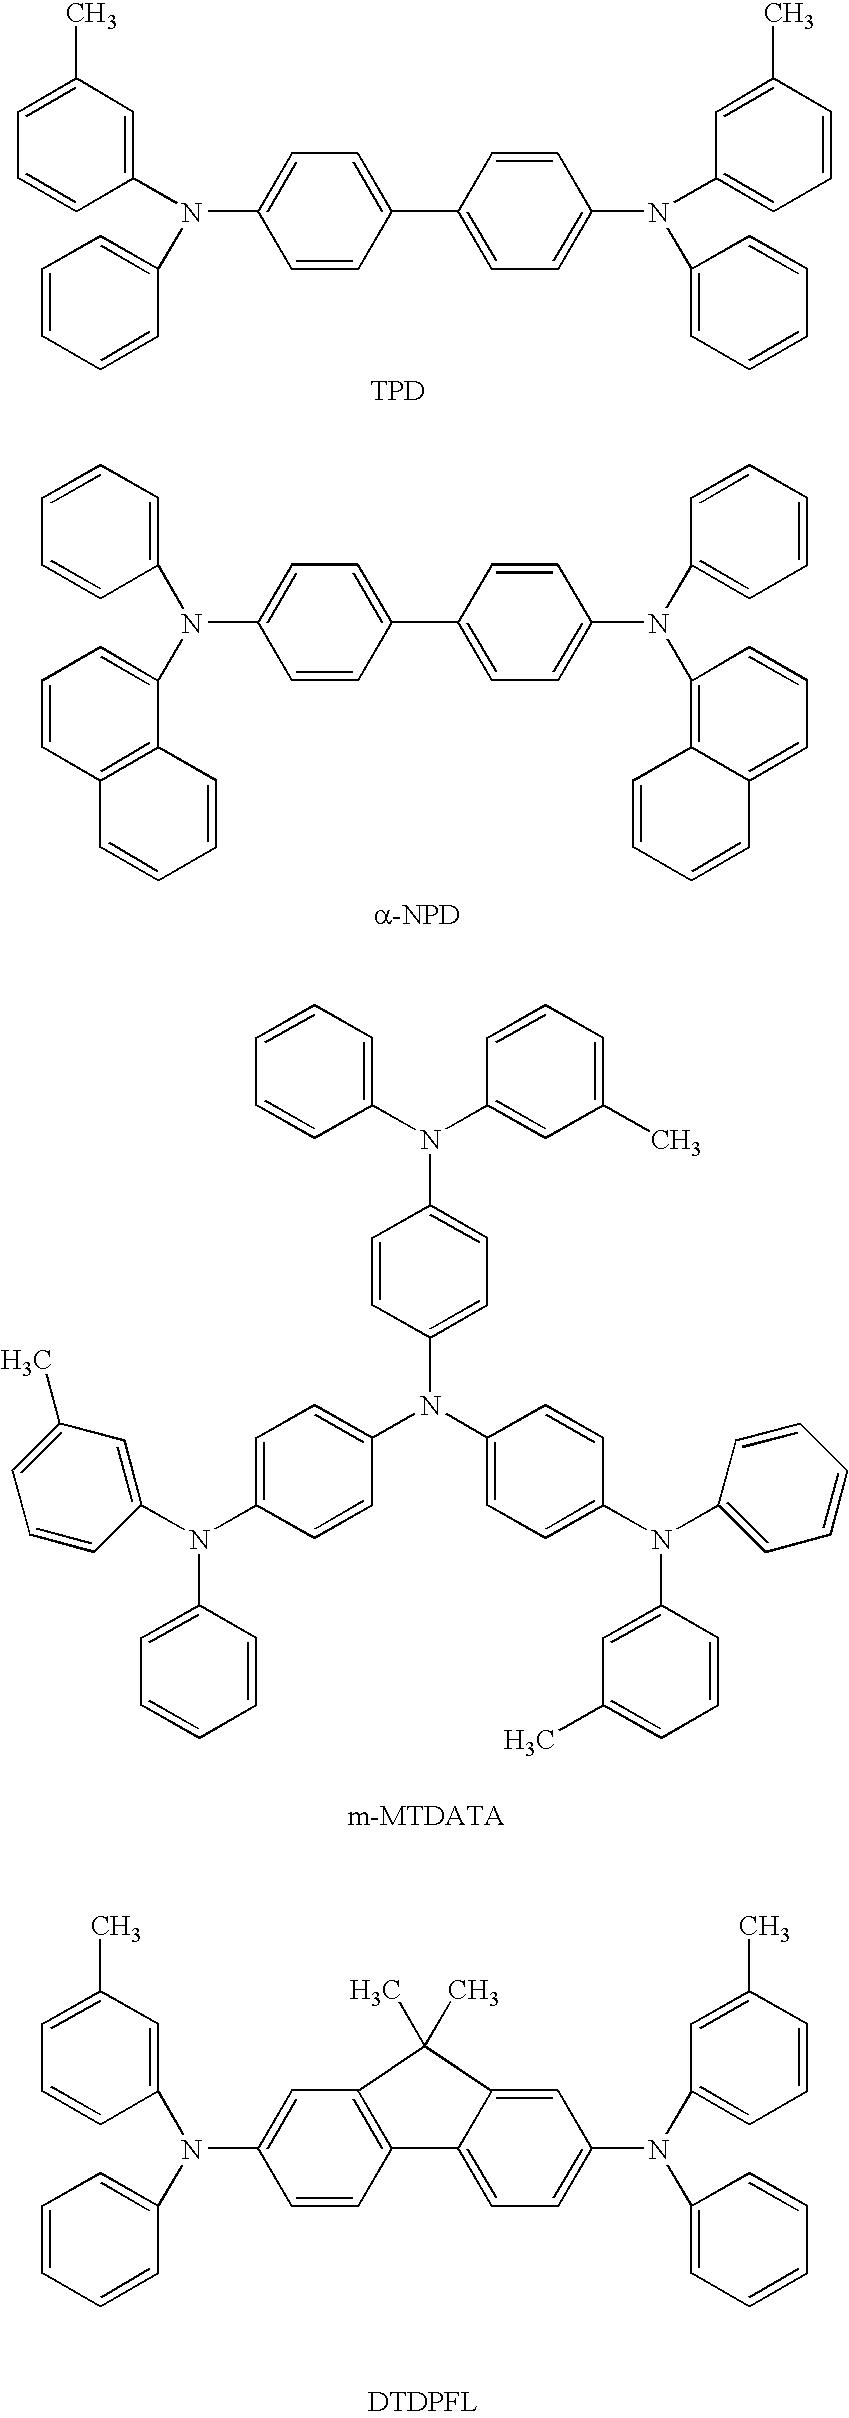 Figure US07173131-20070206-C00016